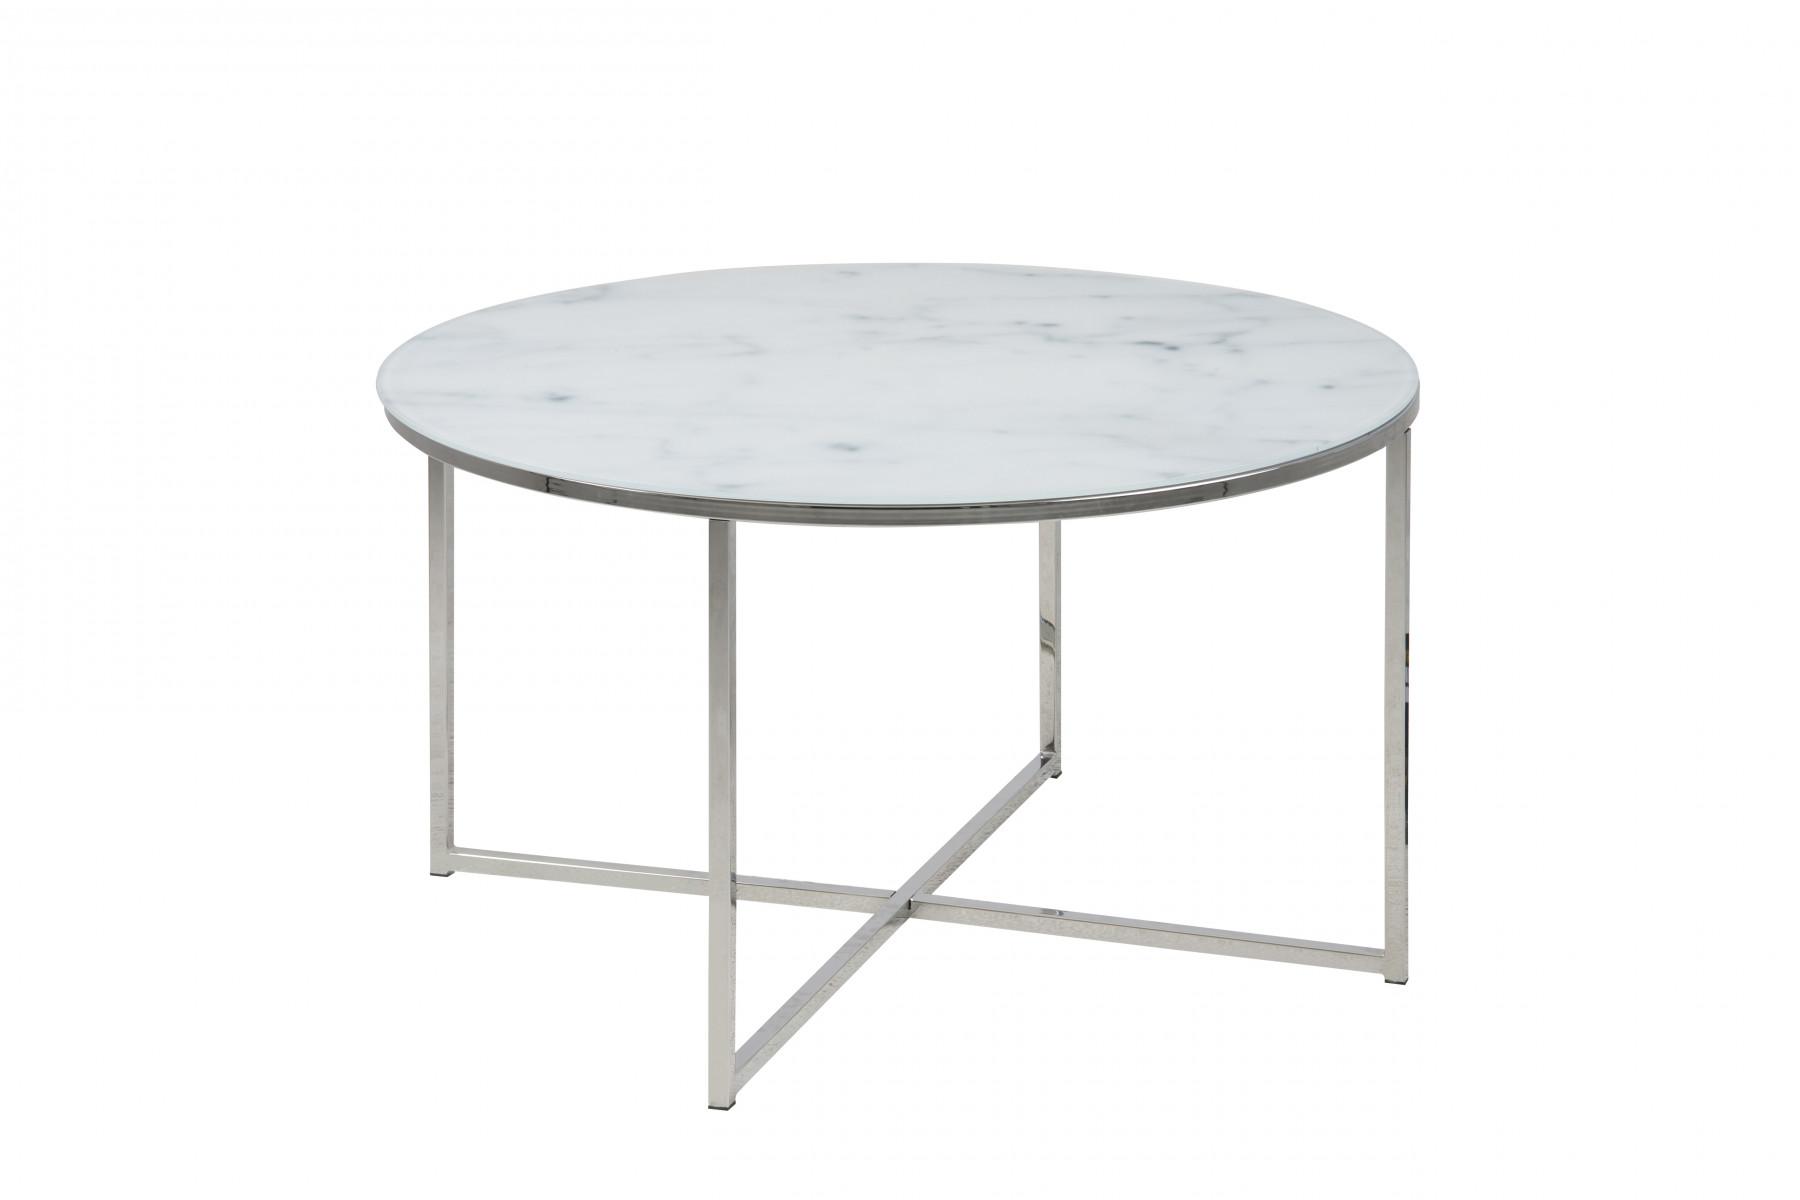 Rundt sofabord med marmor print. Bordplade i glas og stel i krom.